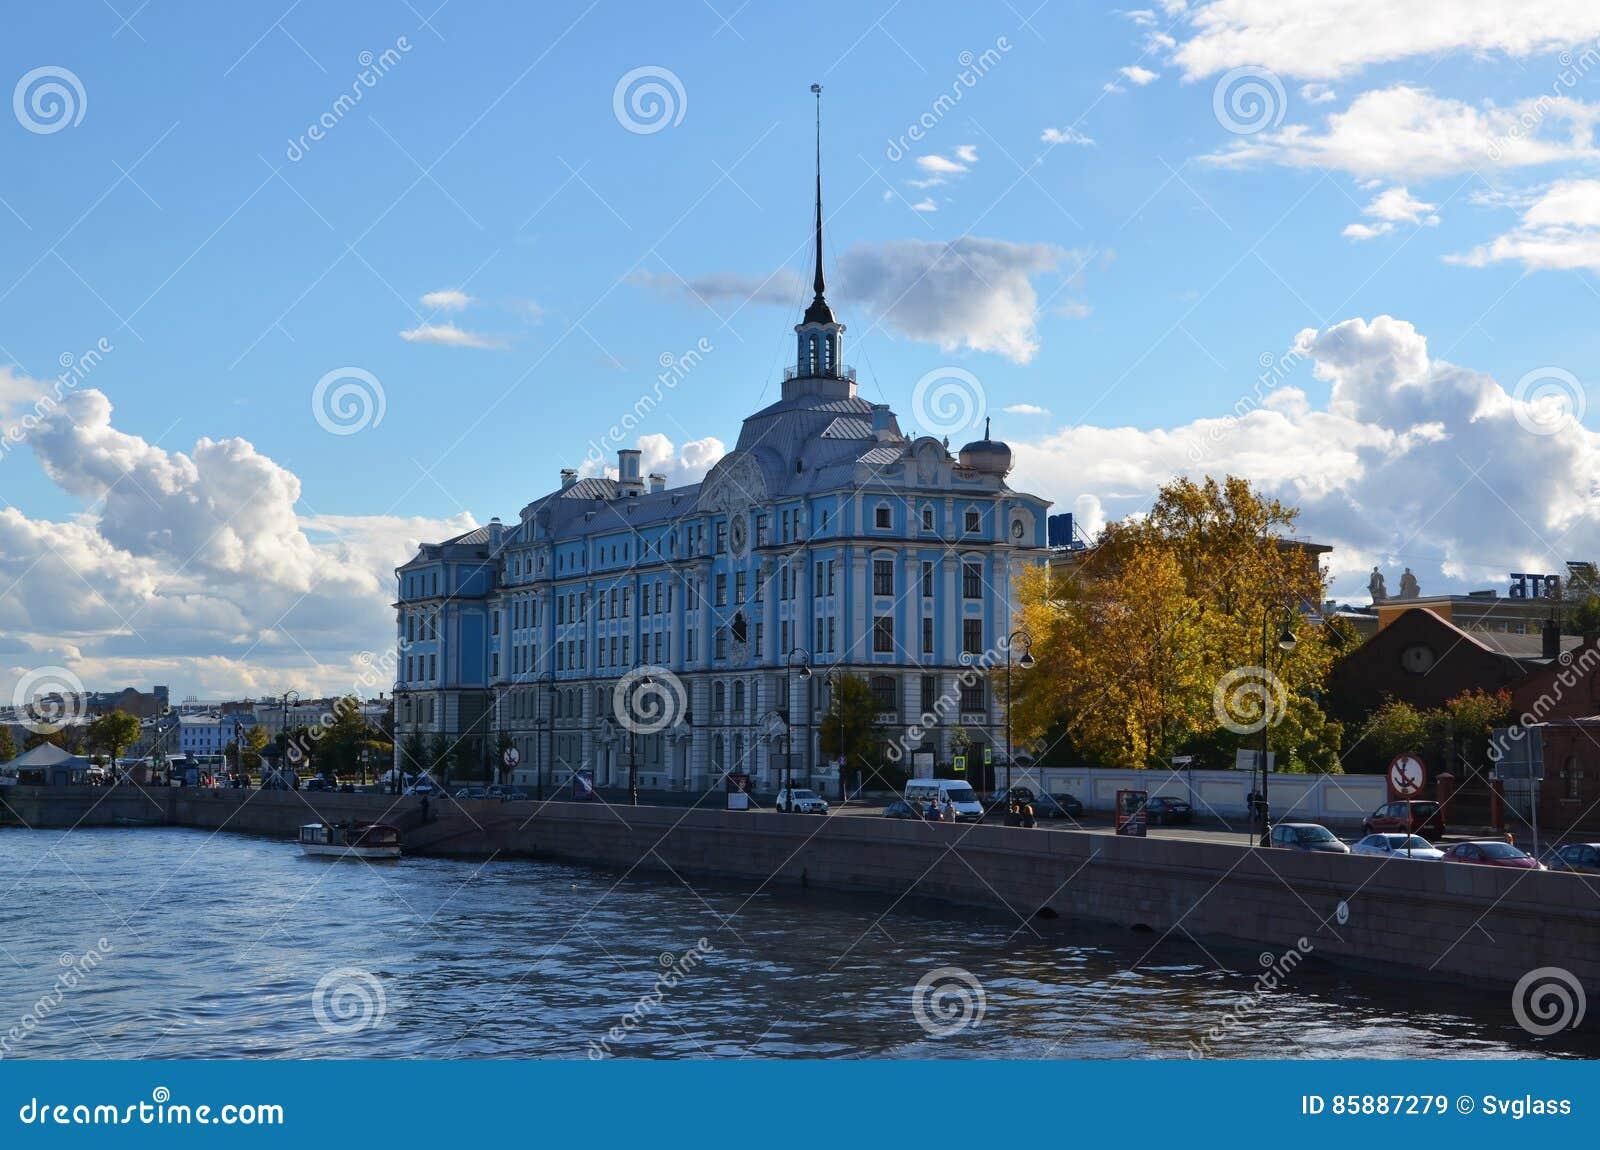 Nakhimov College in St. Petersburg 16